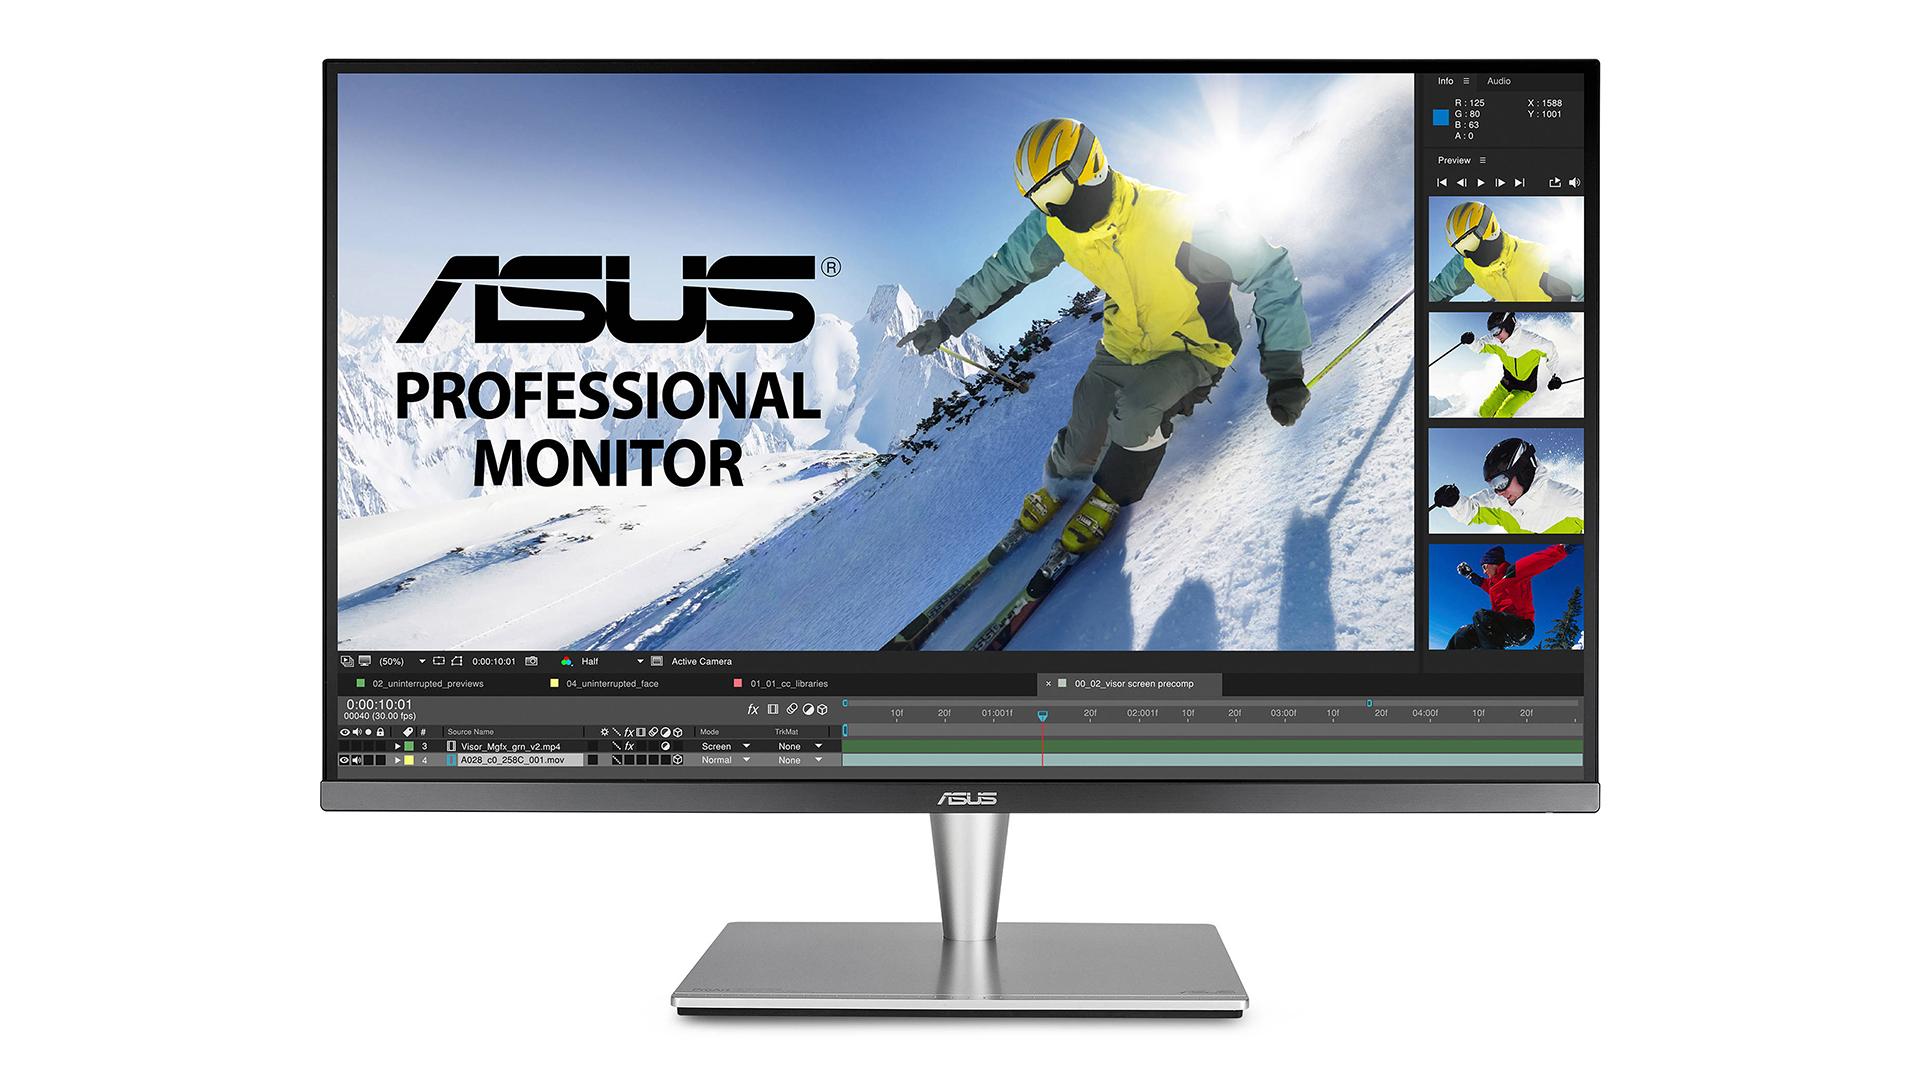 Best monitors for MacBook Pro: Eizo ColorEdge CG319X